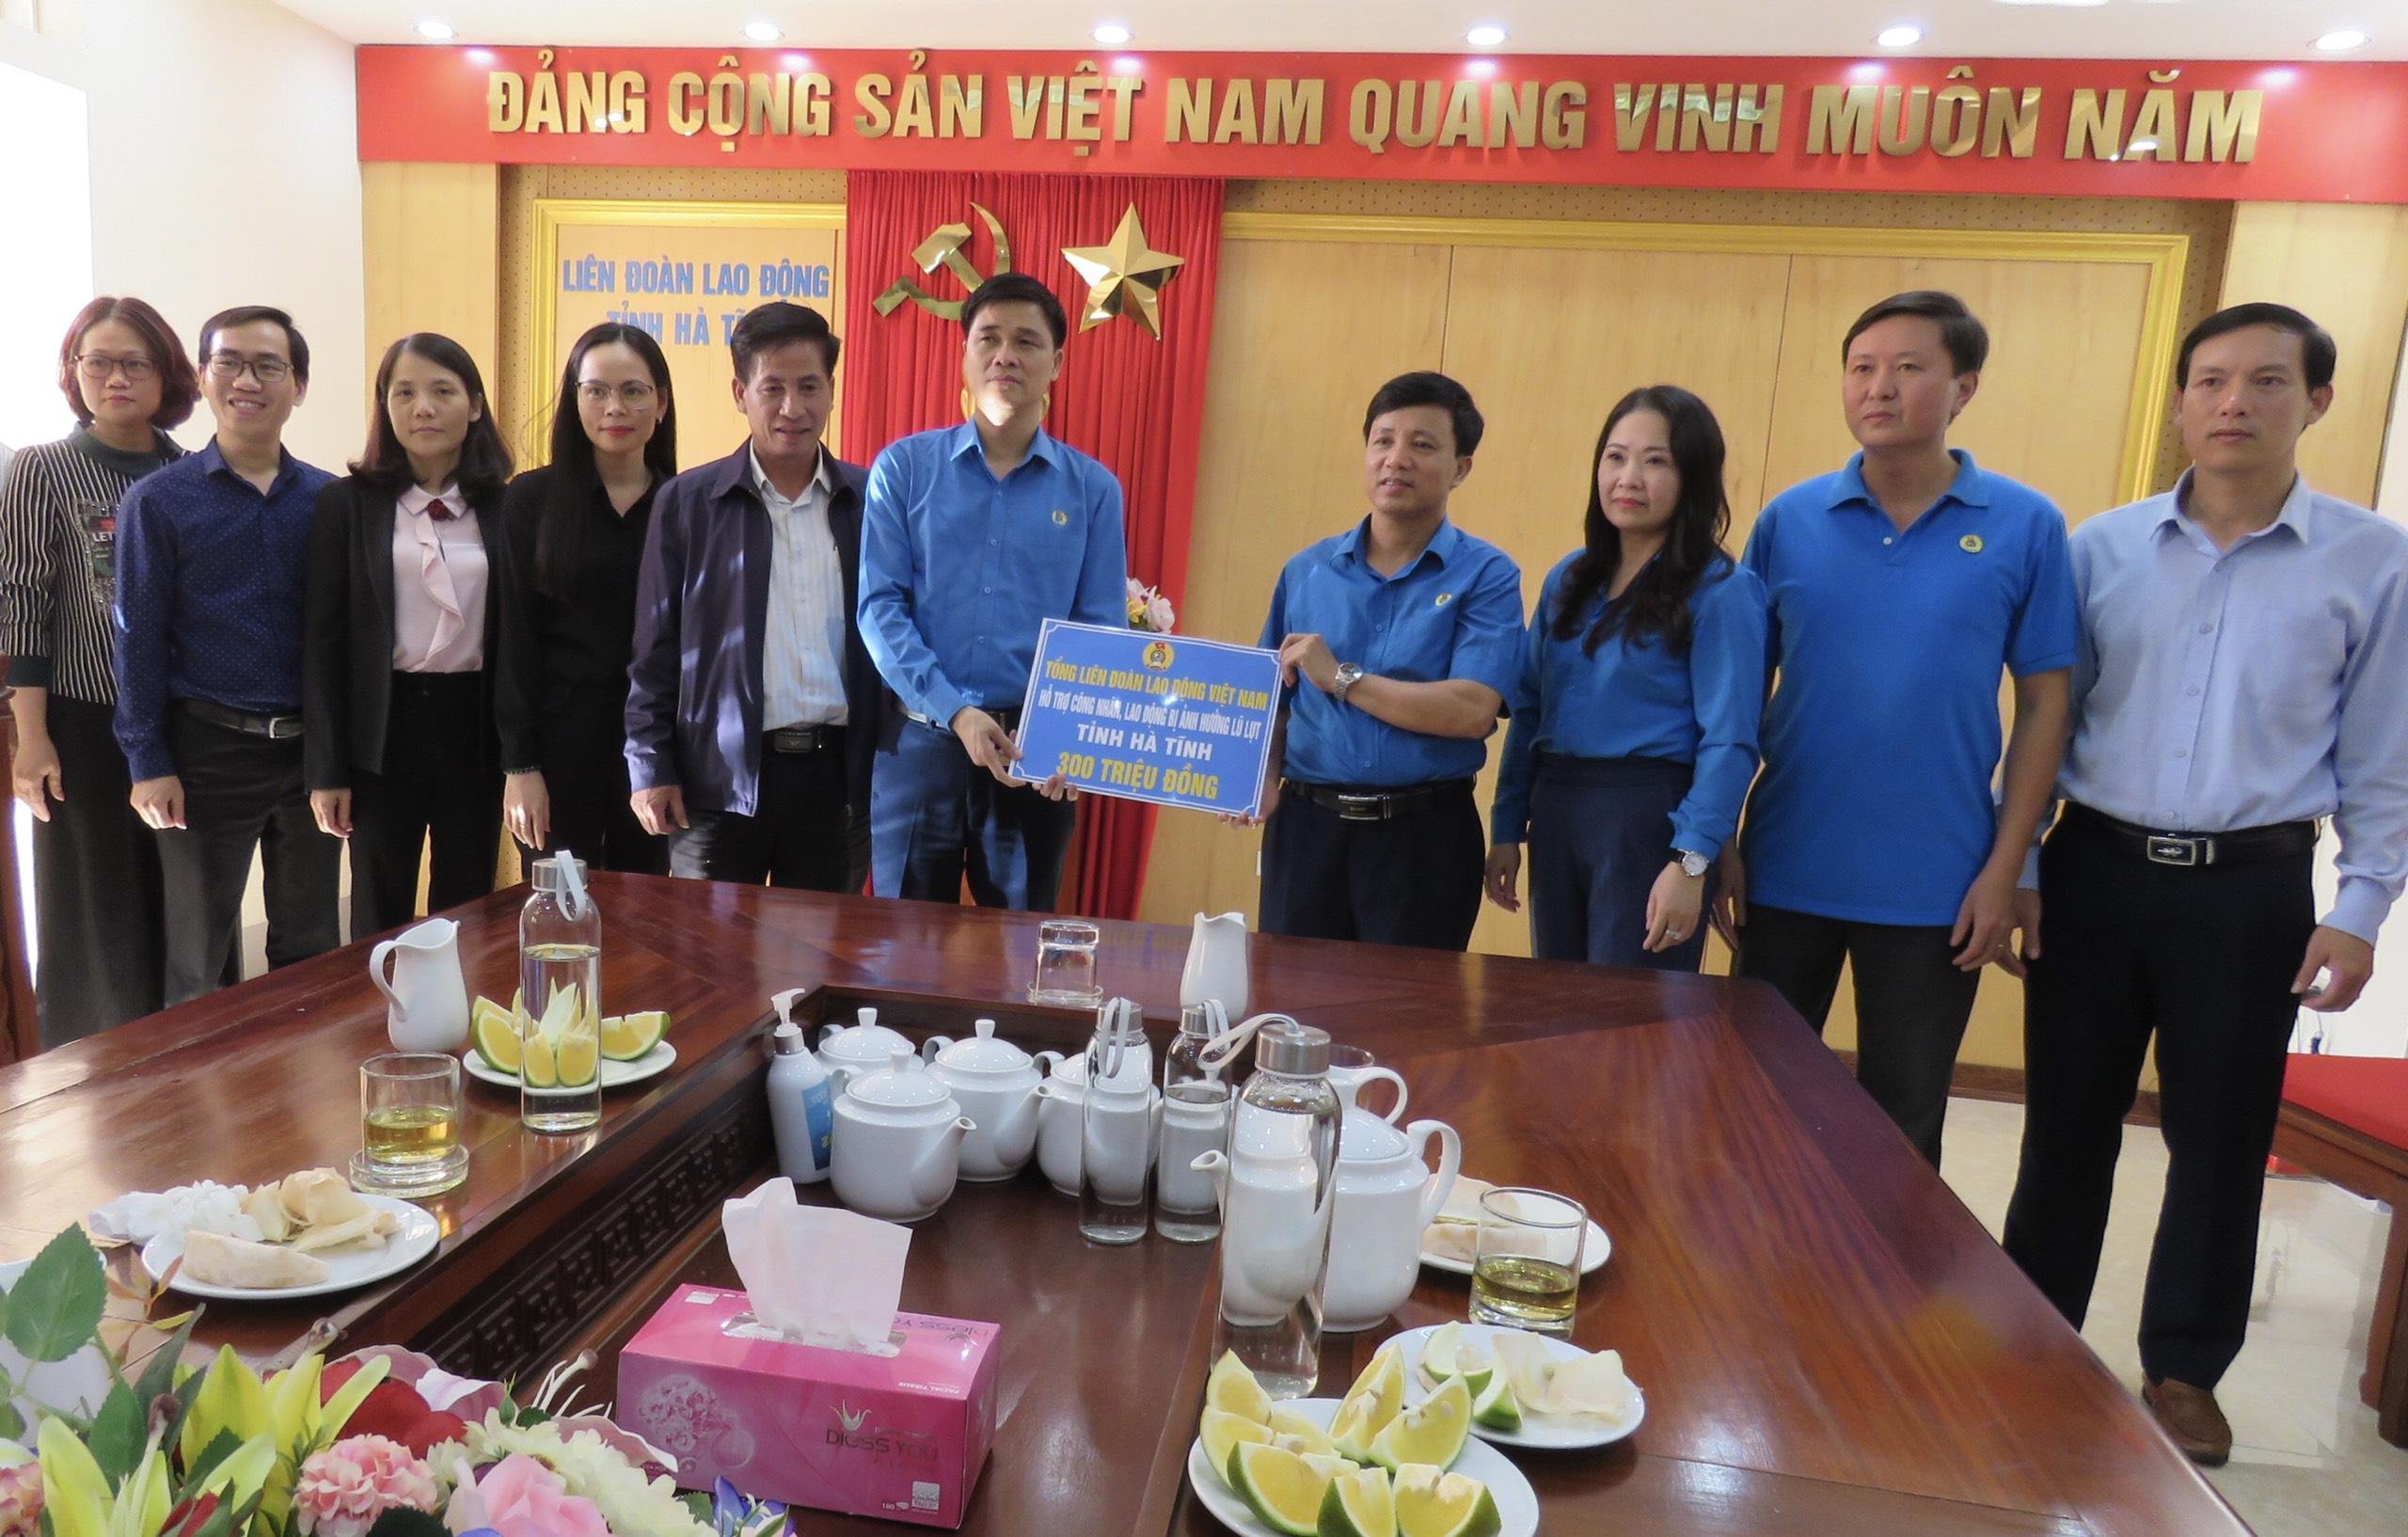 Phó Chủ tịch Tổng LĐLĐ Việt Nam Ngọ Duy Hiểu trao hỗ trợ cho CNVCLĐ Hà Tĩnh bị thiệt hại do lũ lụt